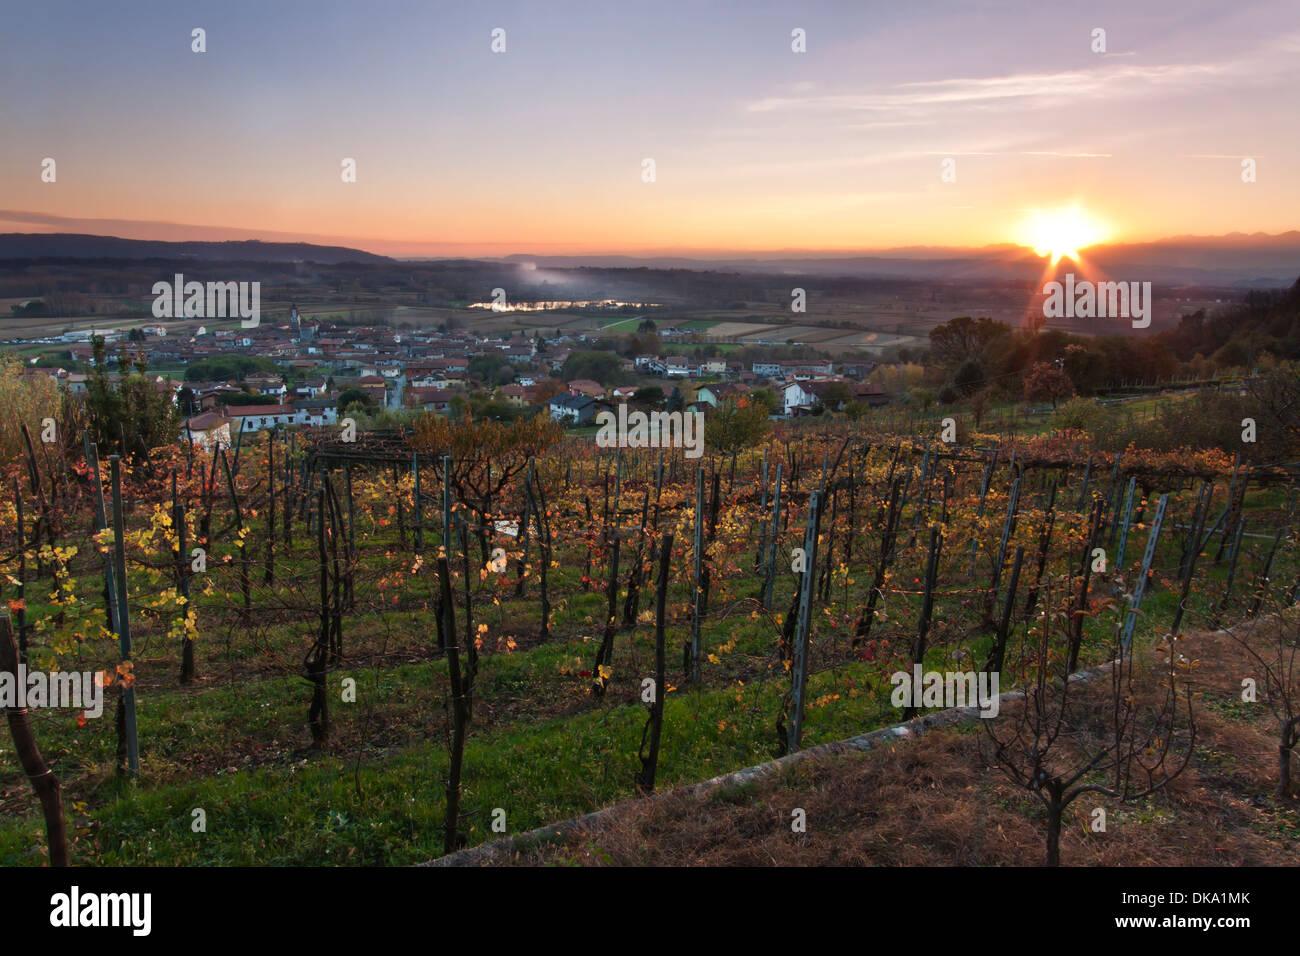 Atardecer en viñedo italiano - Piamonte Foto de stock